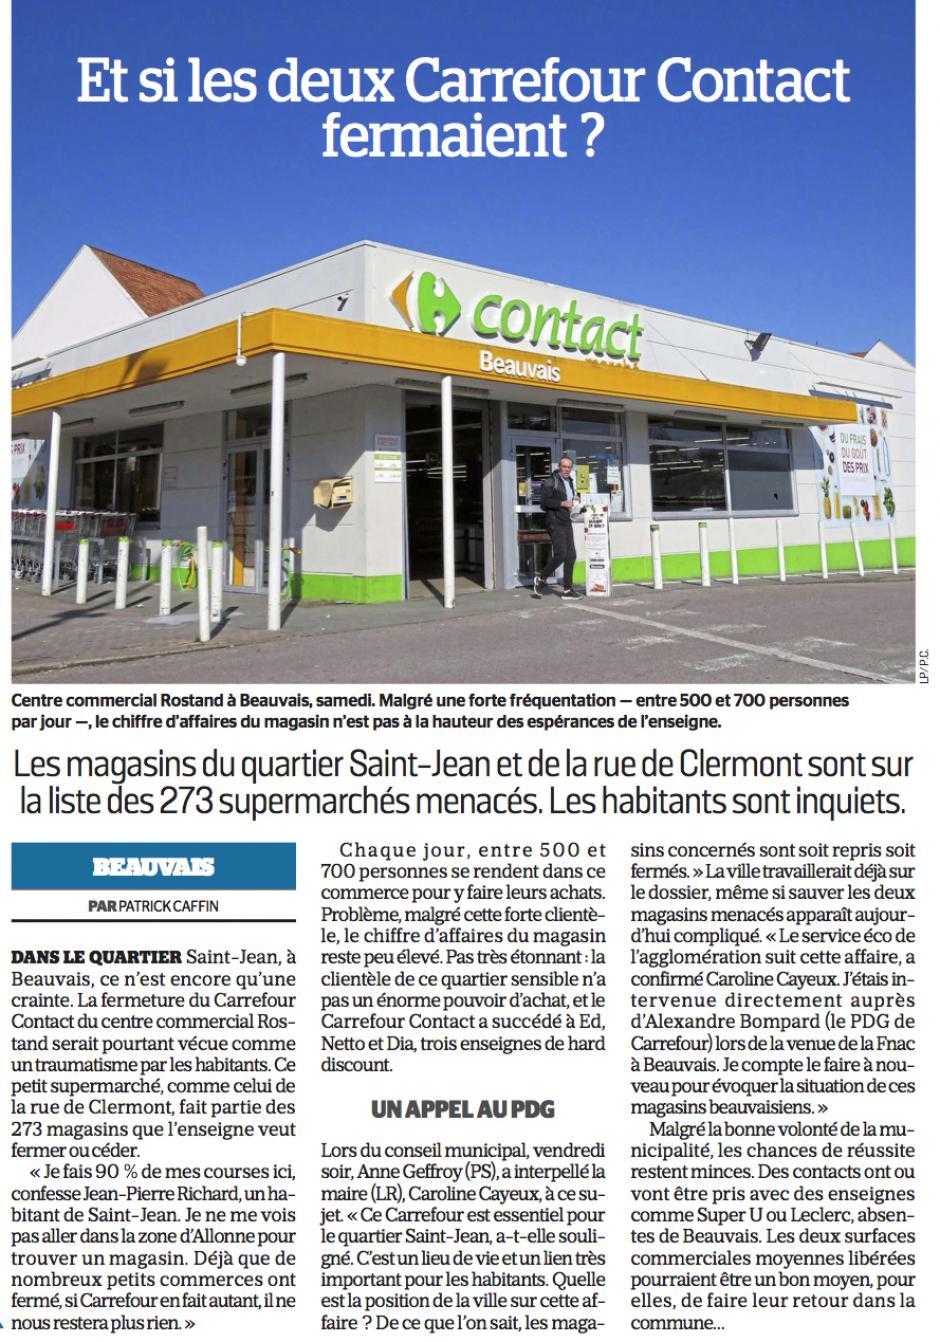 20180219-LeP-Beauvais-Et si les deux Carrefour Contact fermaient ?